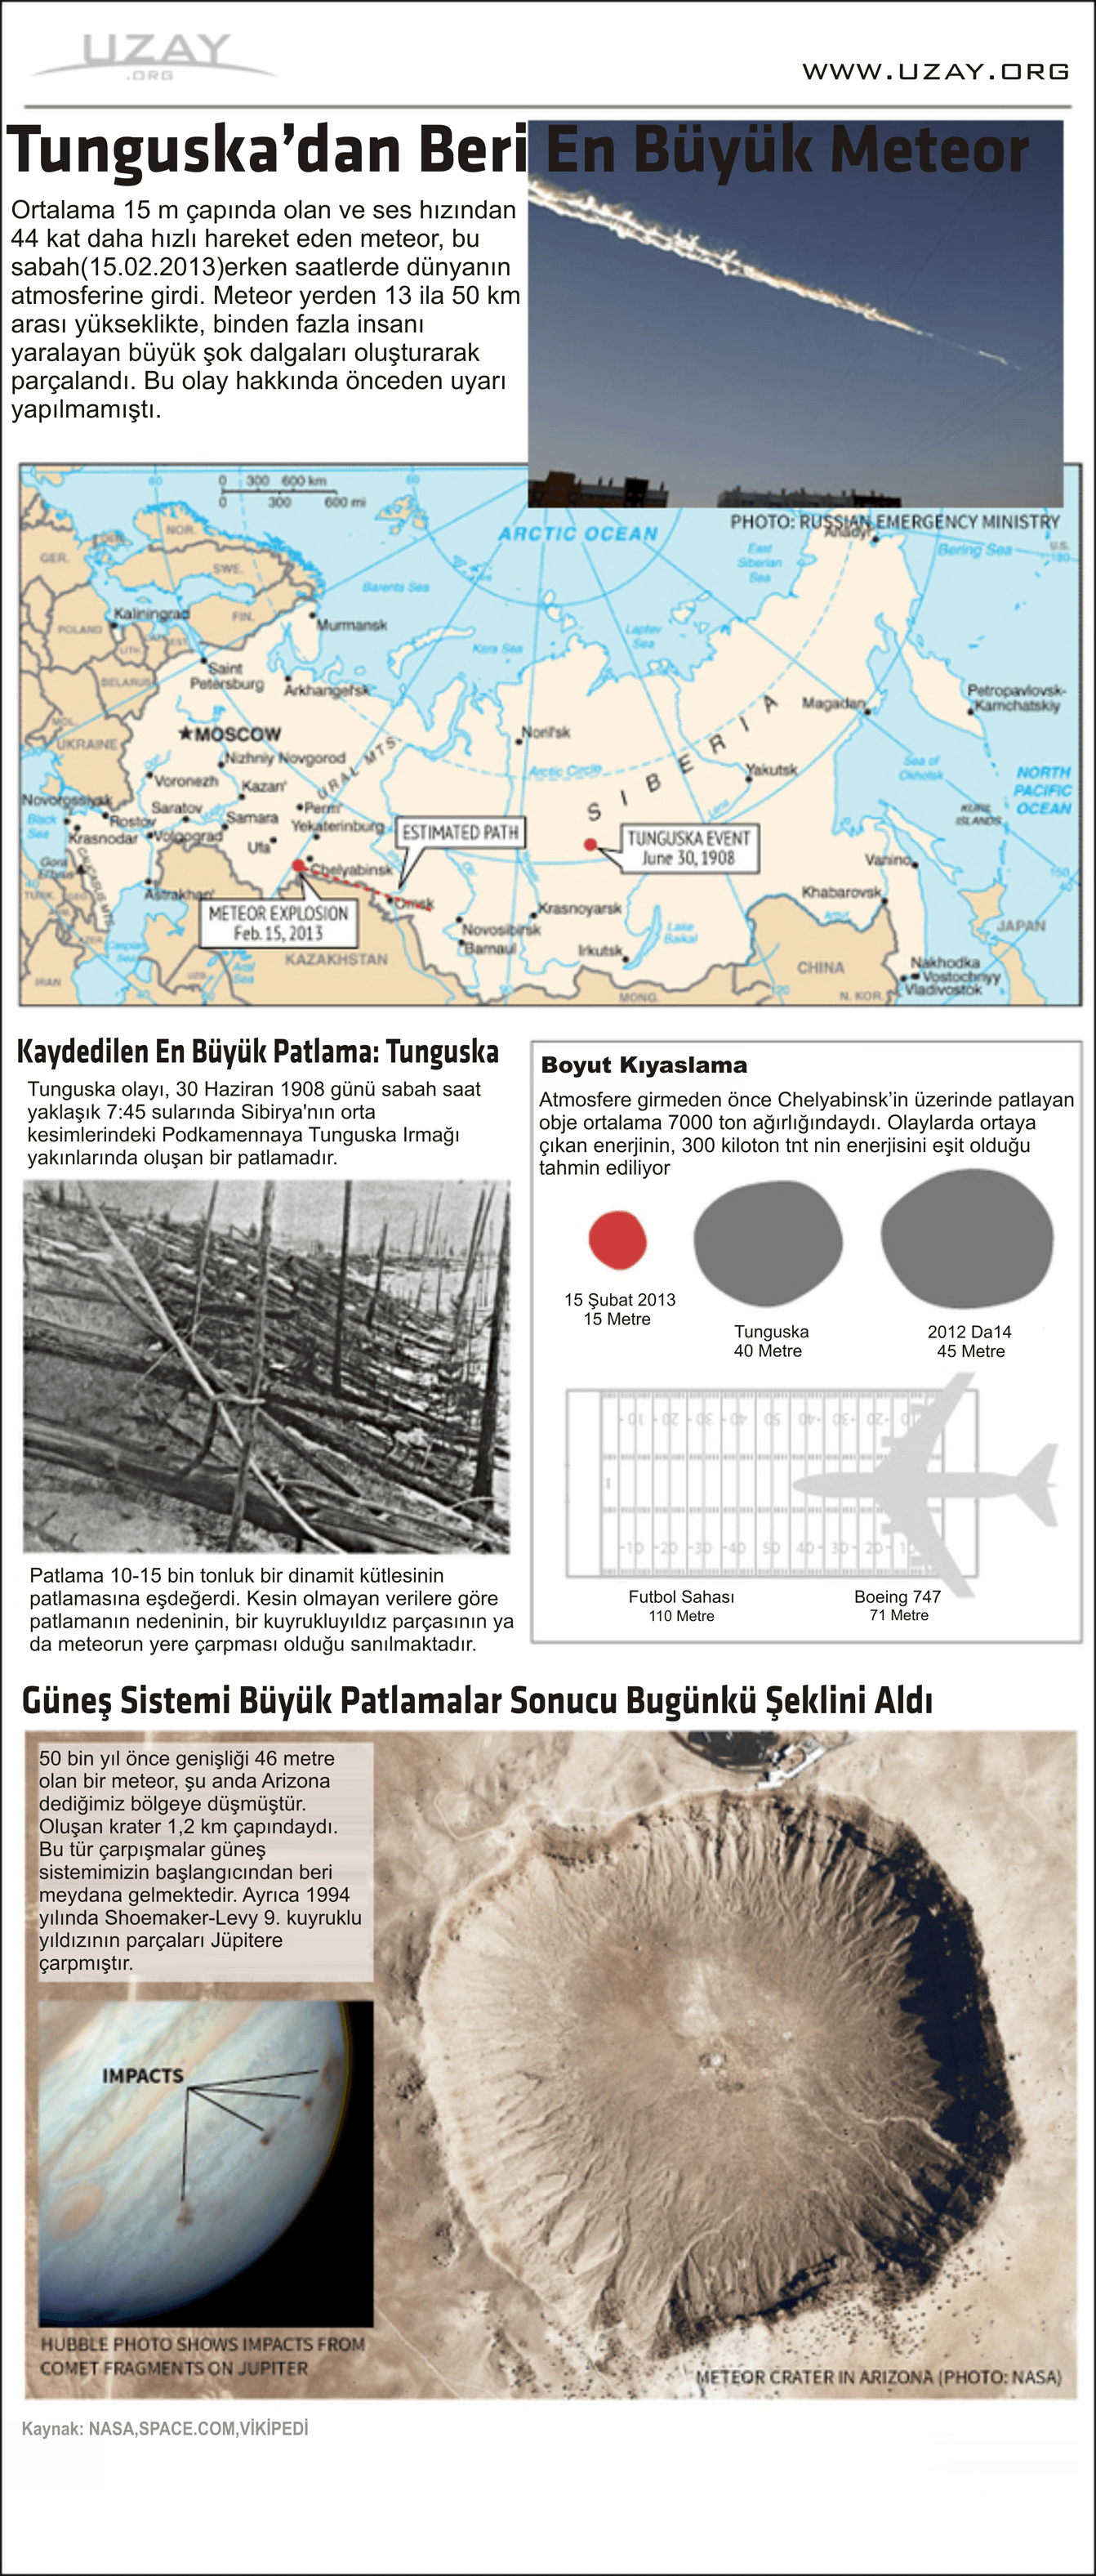 Tunguska'dan Beri En Büyük Meteor